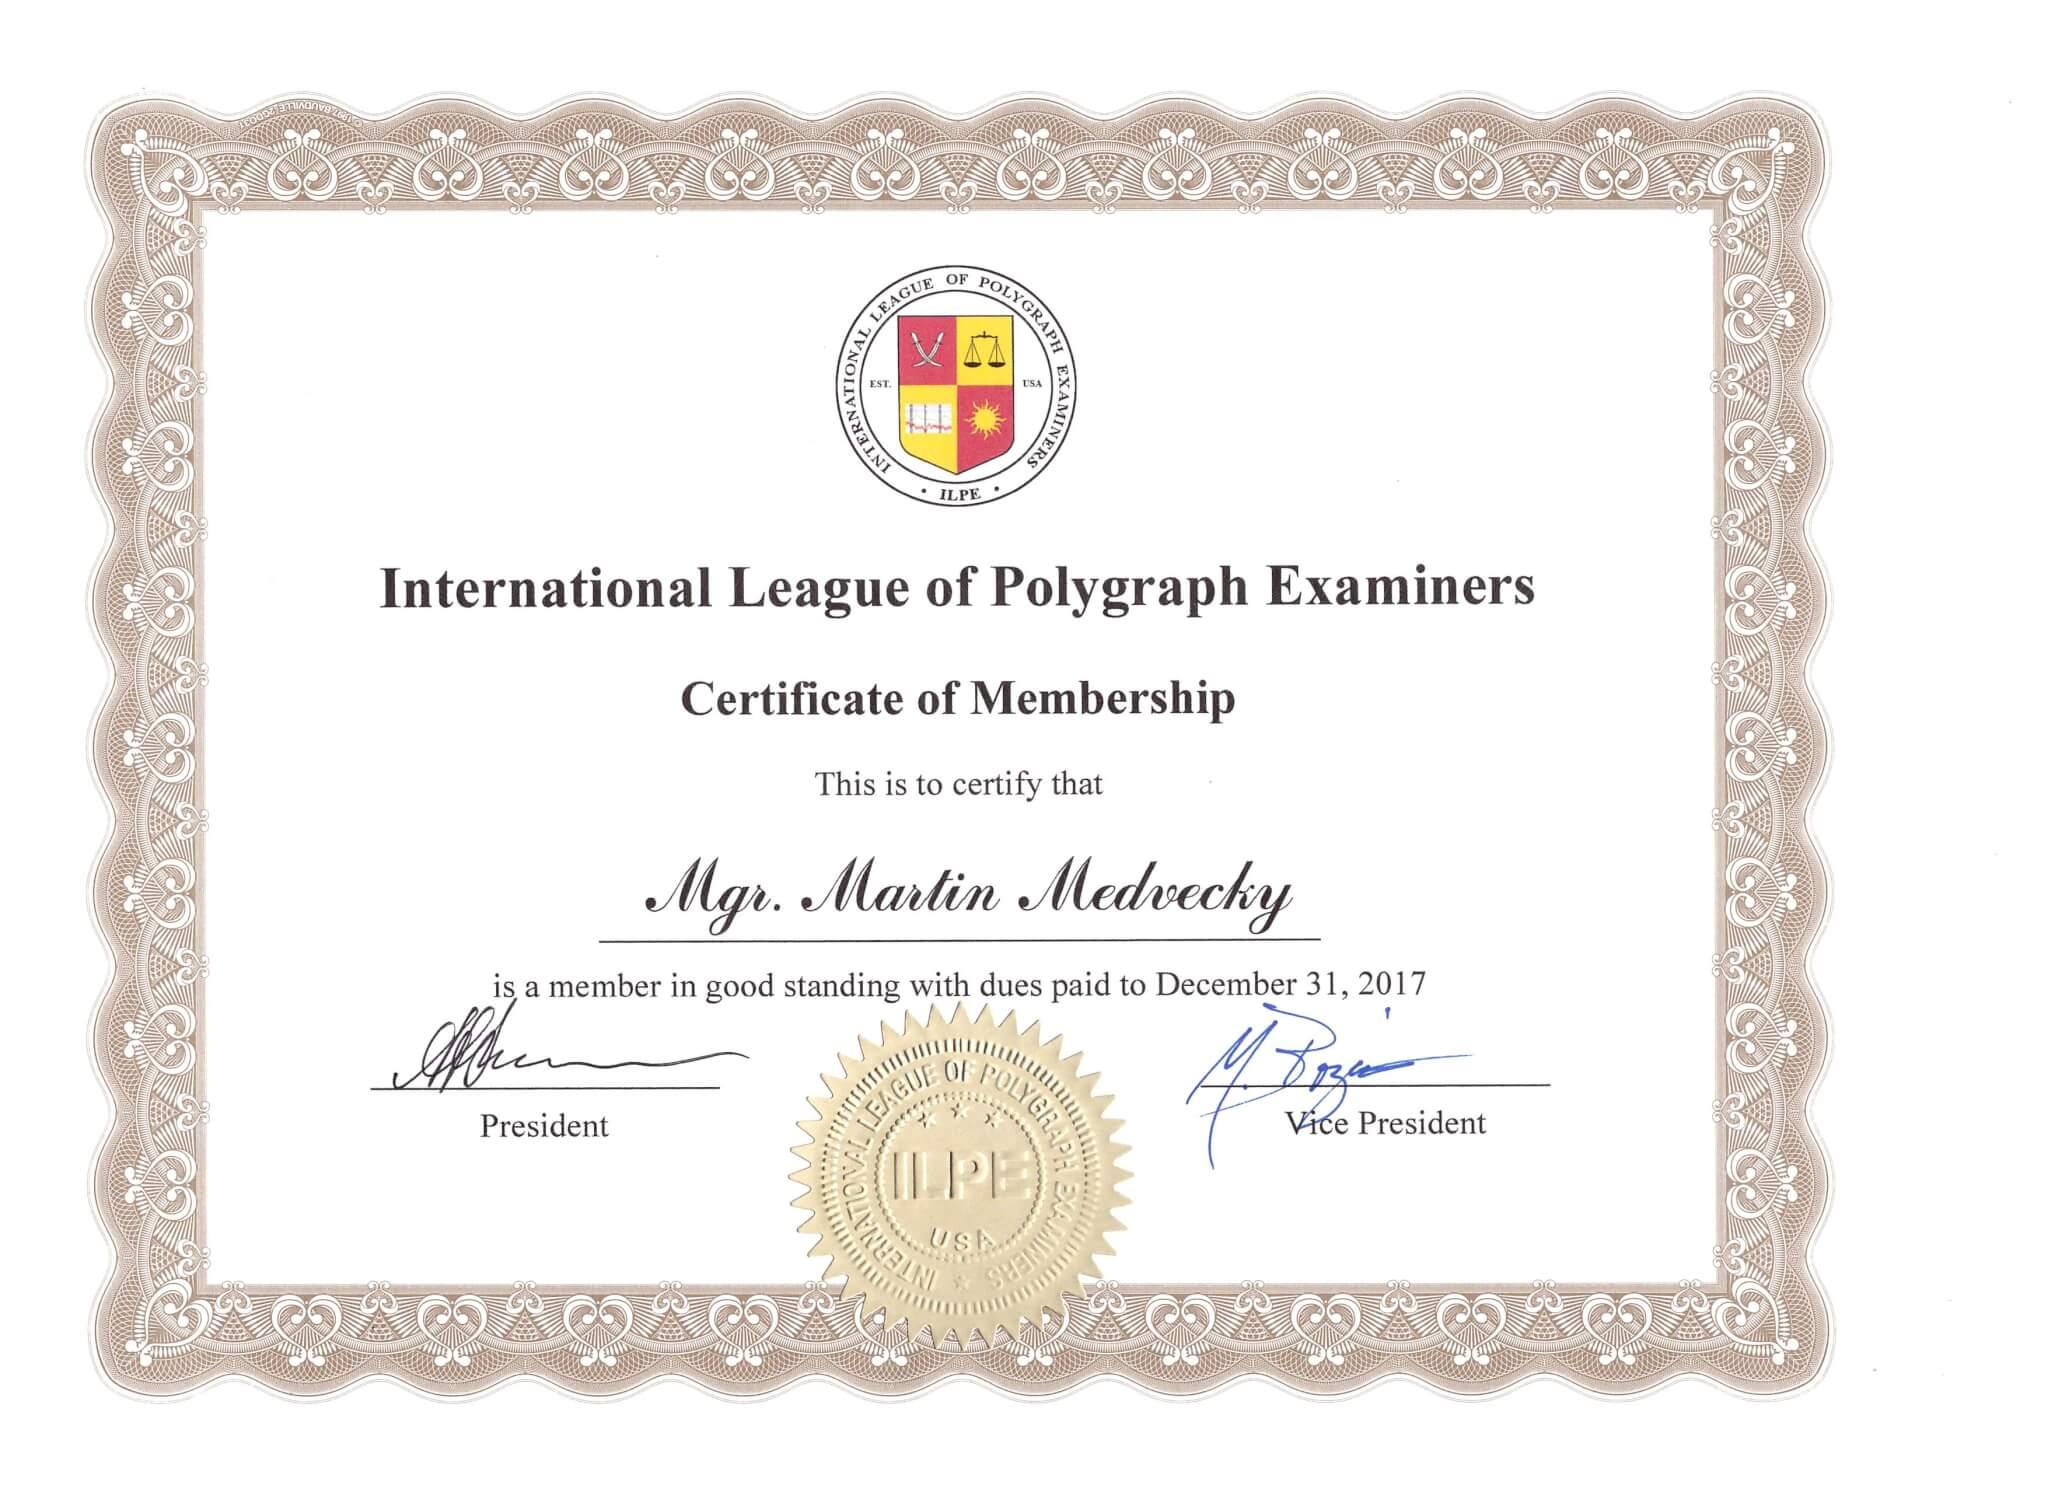 Certificate of membership 2017